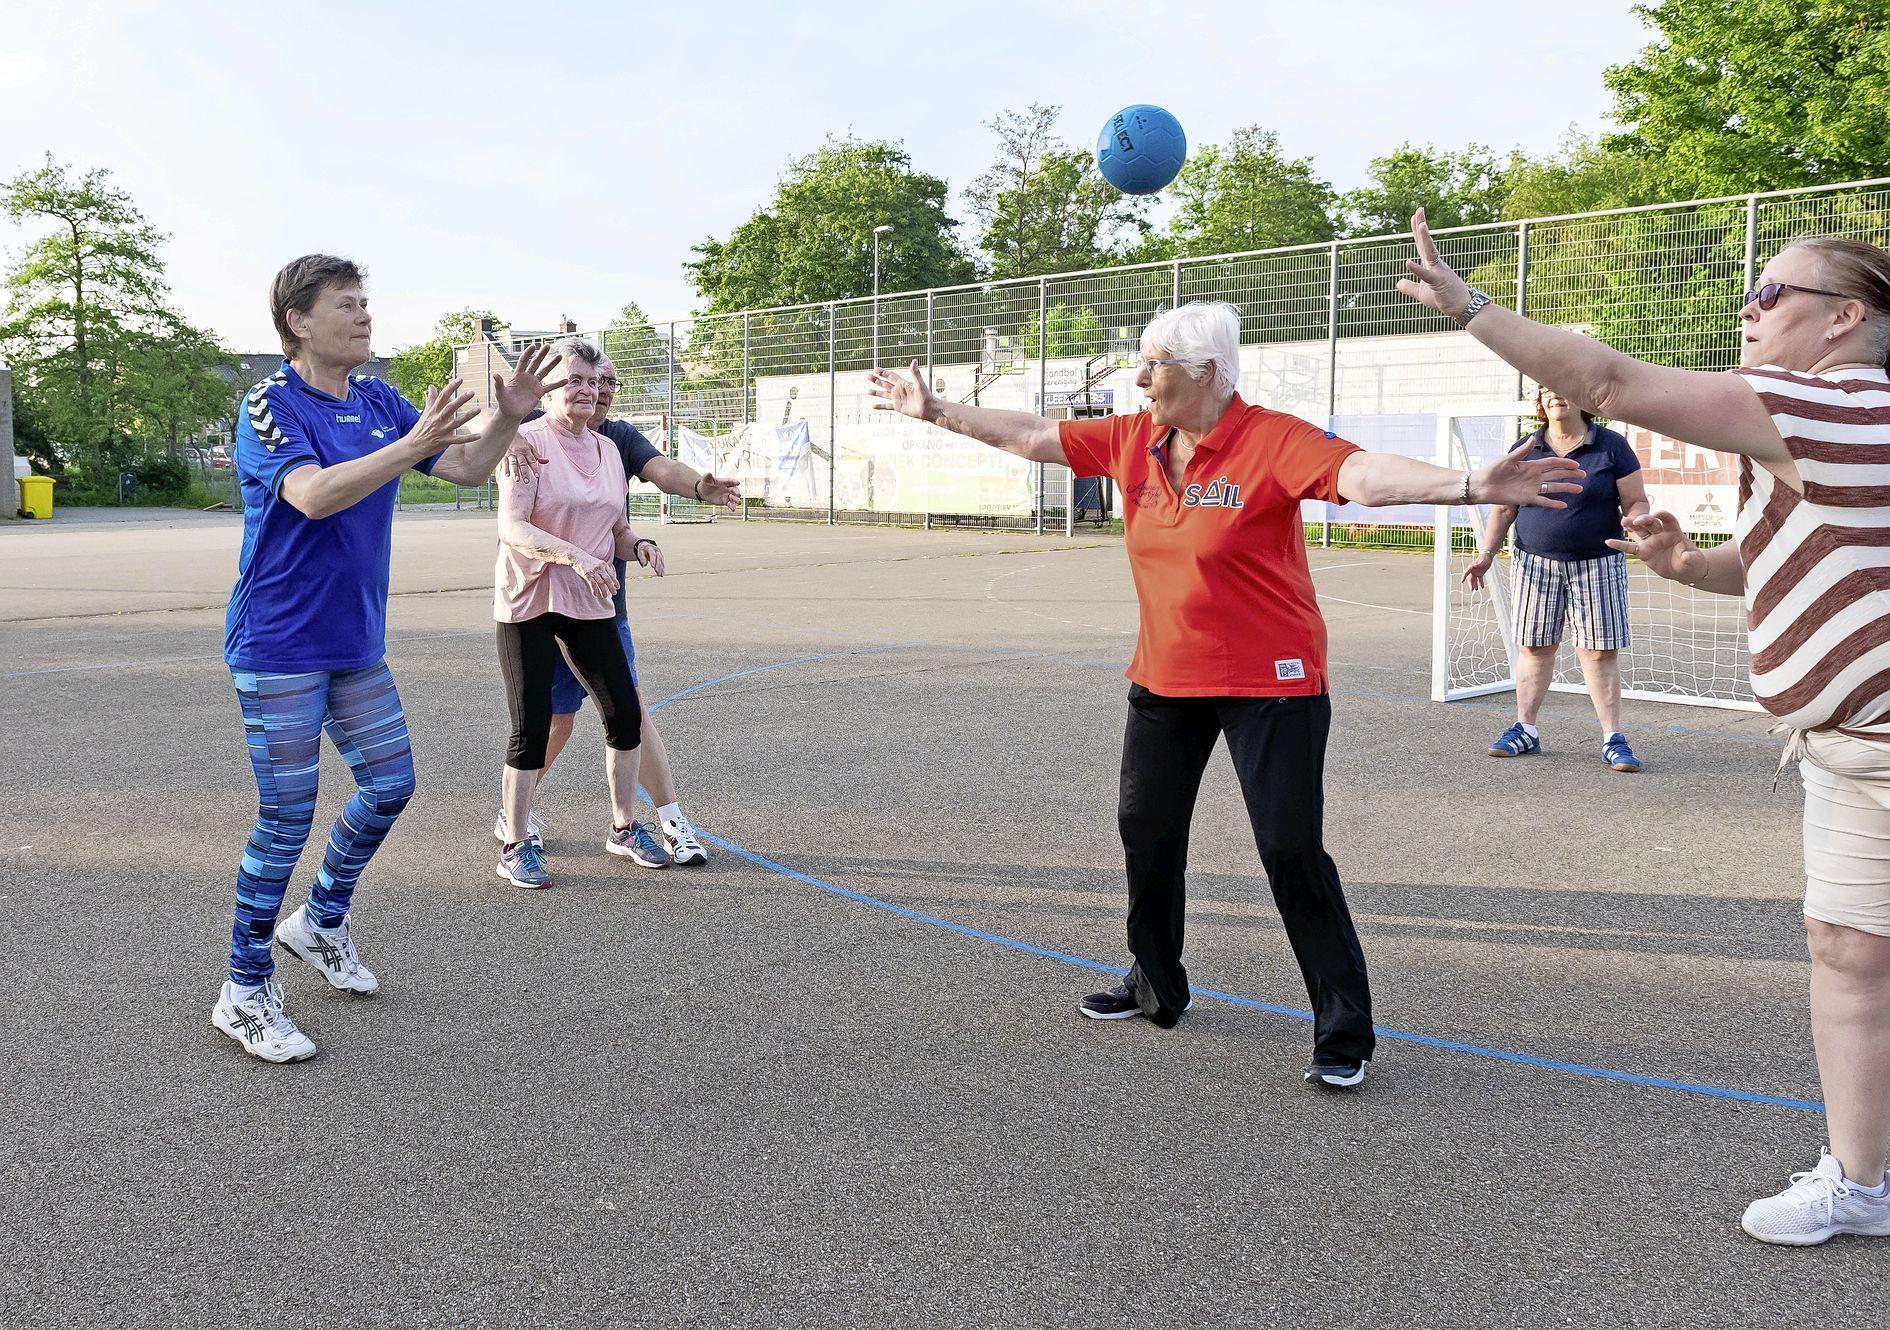 'Walking handball' is een hit bij 65-plussers: 'We mogen niet rennen of springen, maar verder vliegen we nog steeds heen en weer'